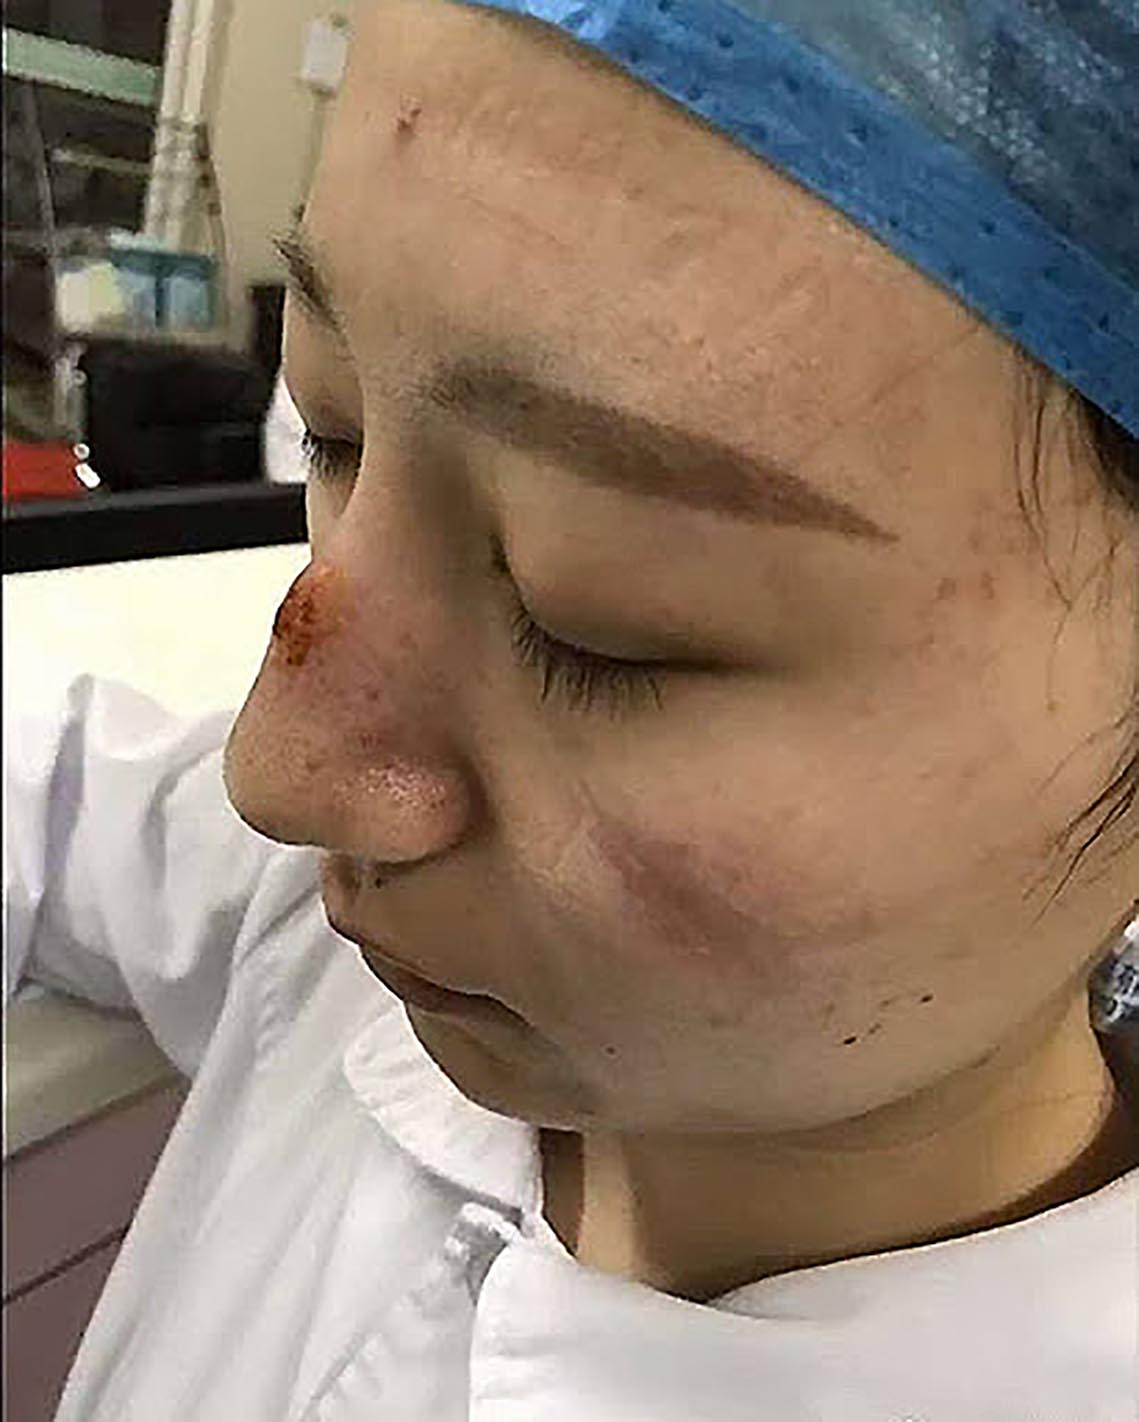 Para prevenir a infecção, a equipe médica de Wuhan atualmente precisa usar equipamentos pesados, incluindo máscaras ou óculos de proteção presos firmemente à pele, é uma questão de proteção.